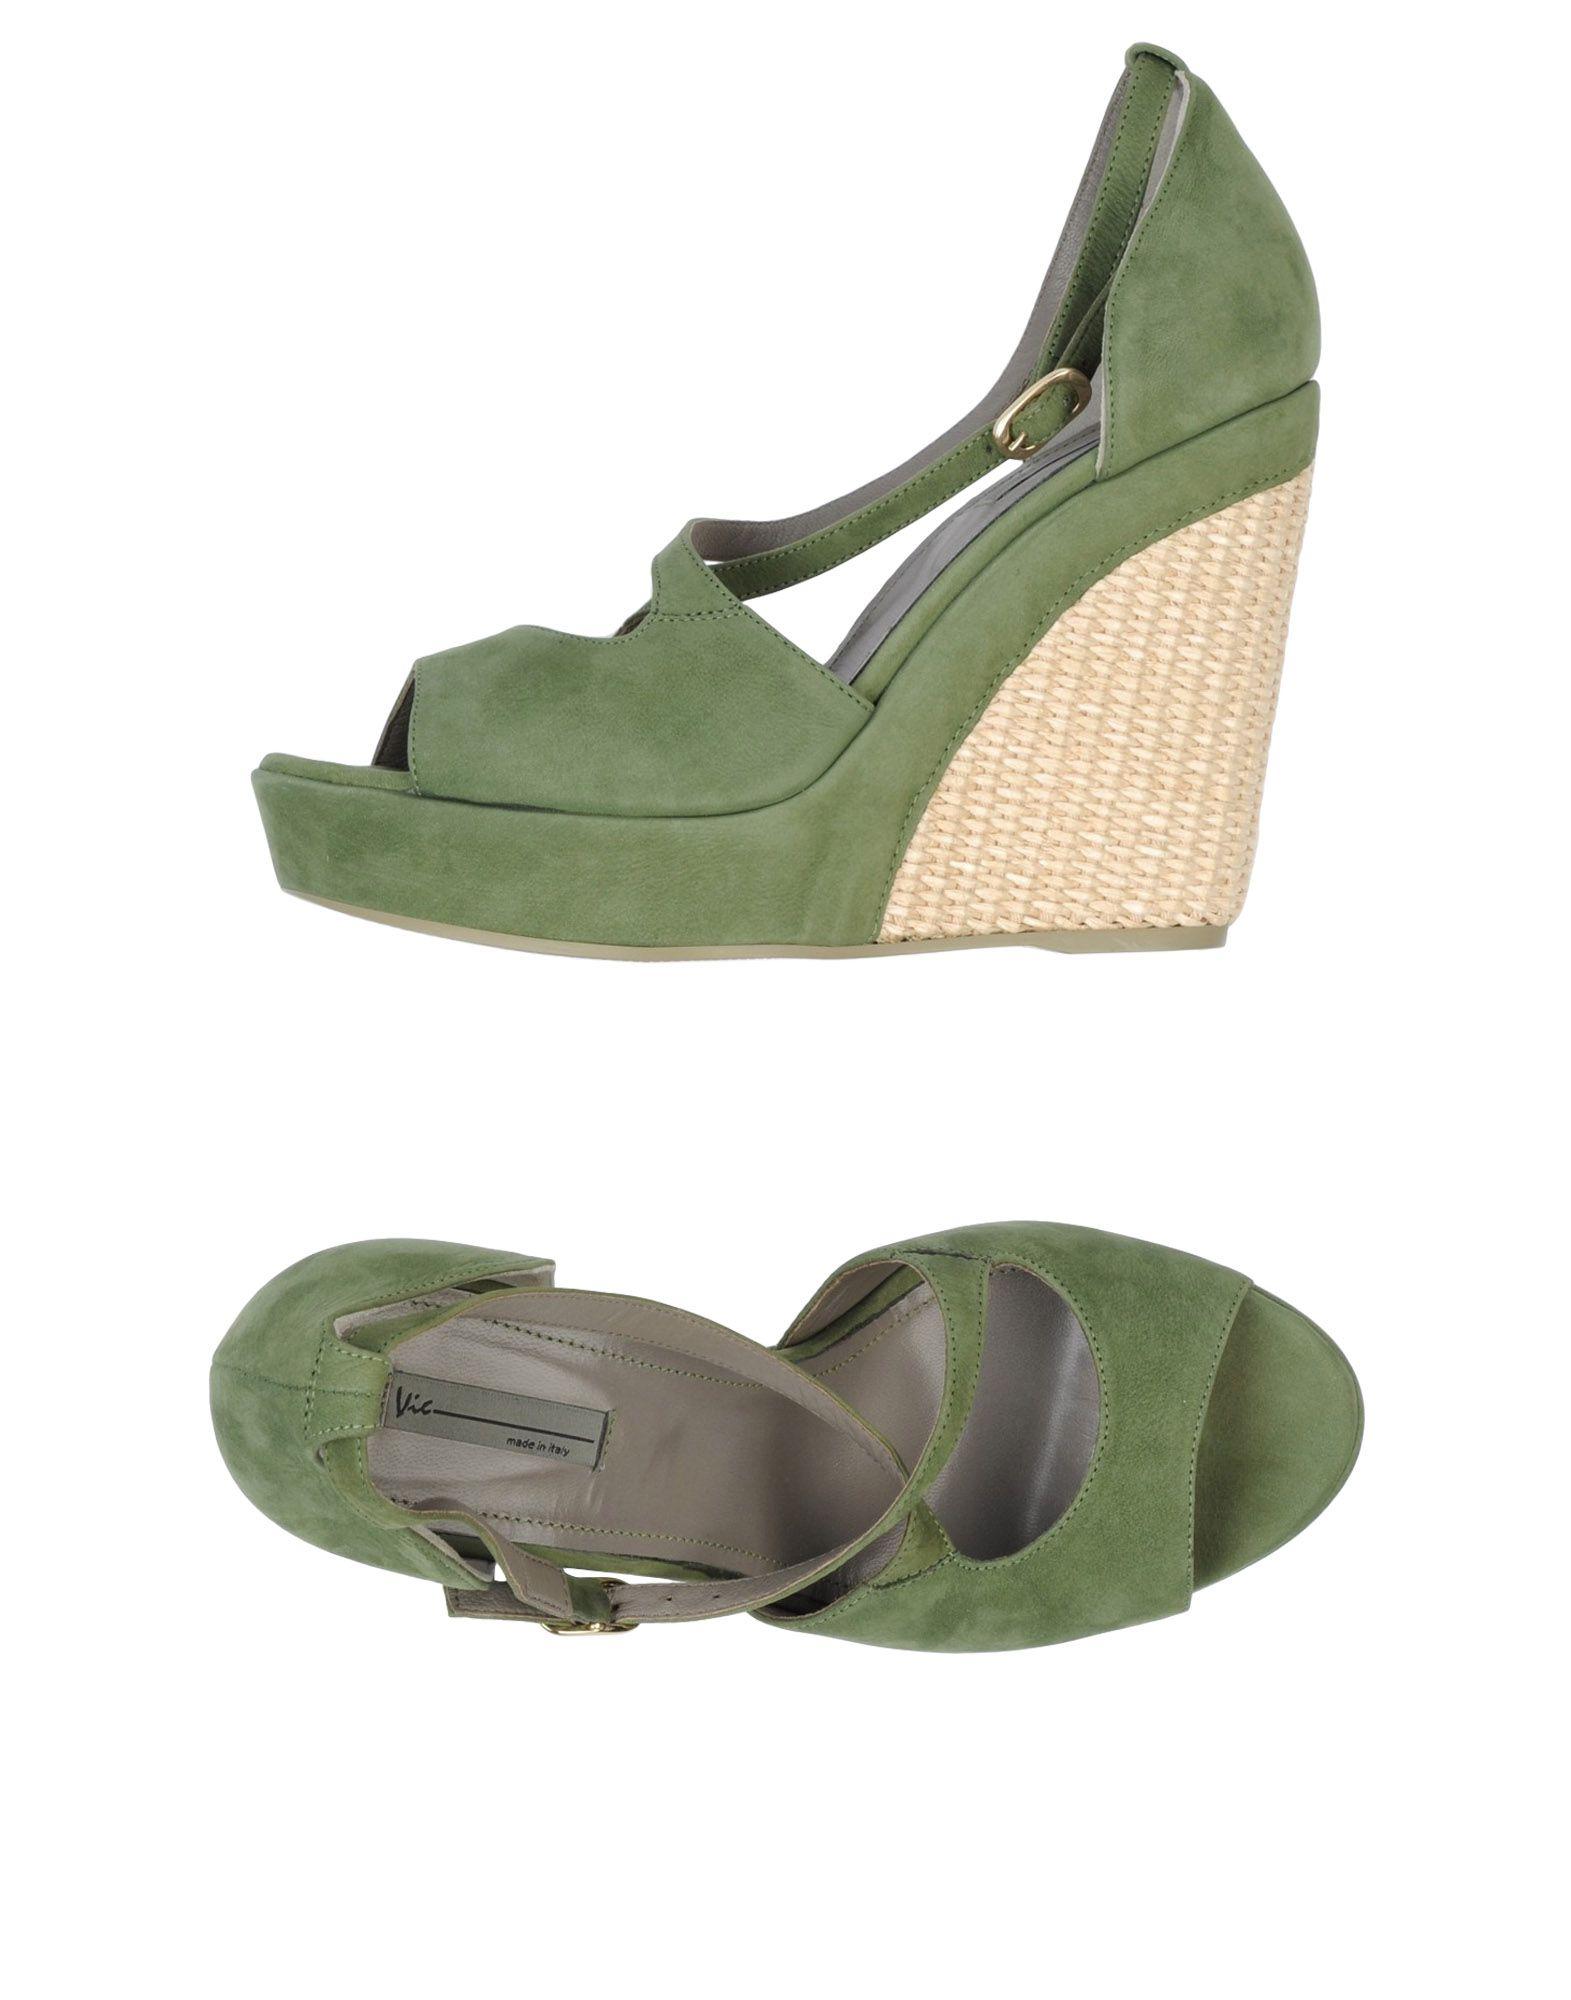 Gut um Damen billige Schuhe zu tragenVic Sandalen Damen um  44614099CB 21f5e0